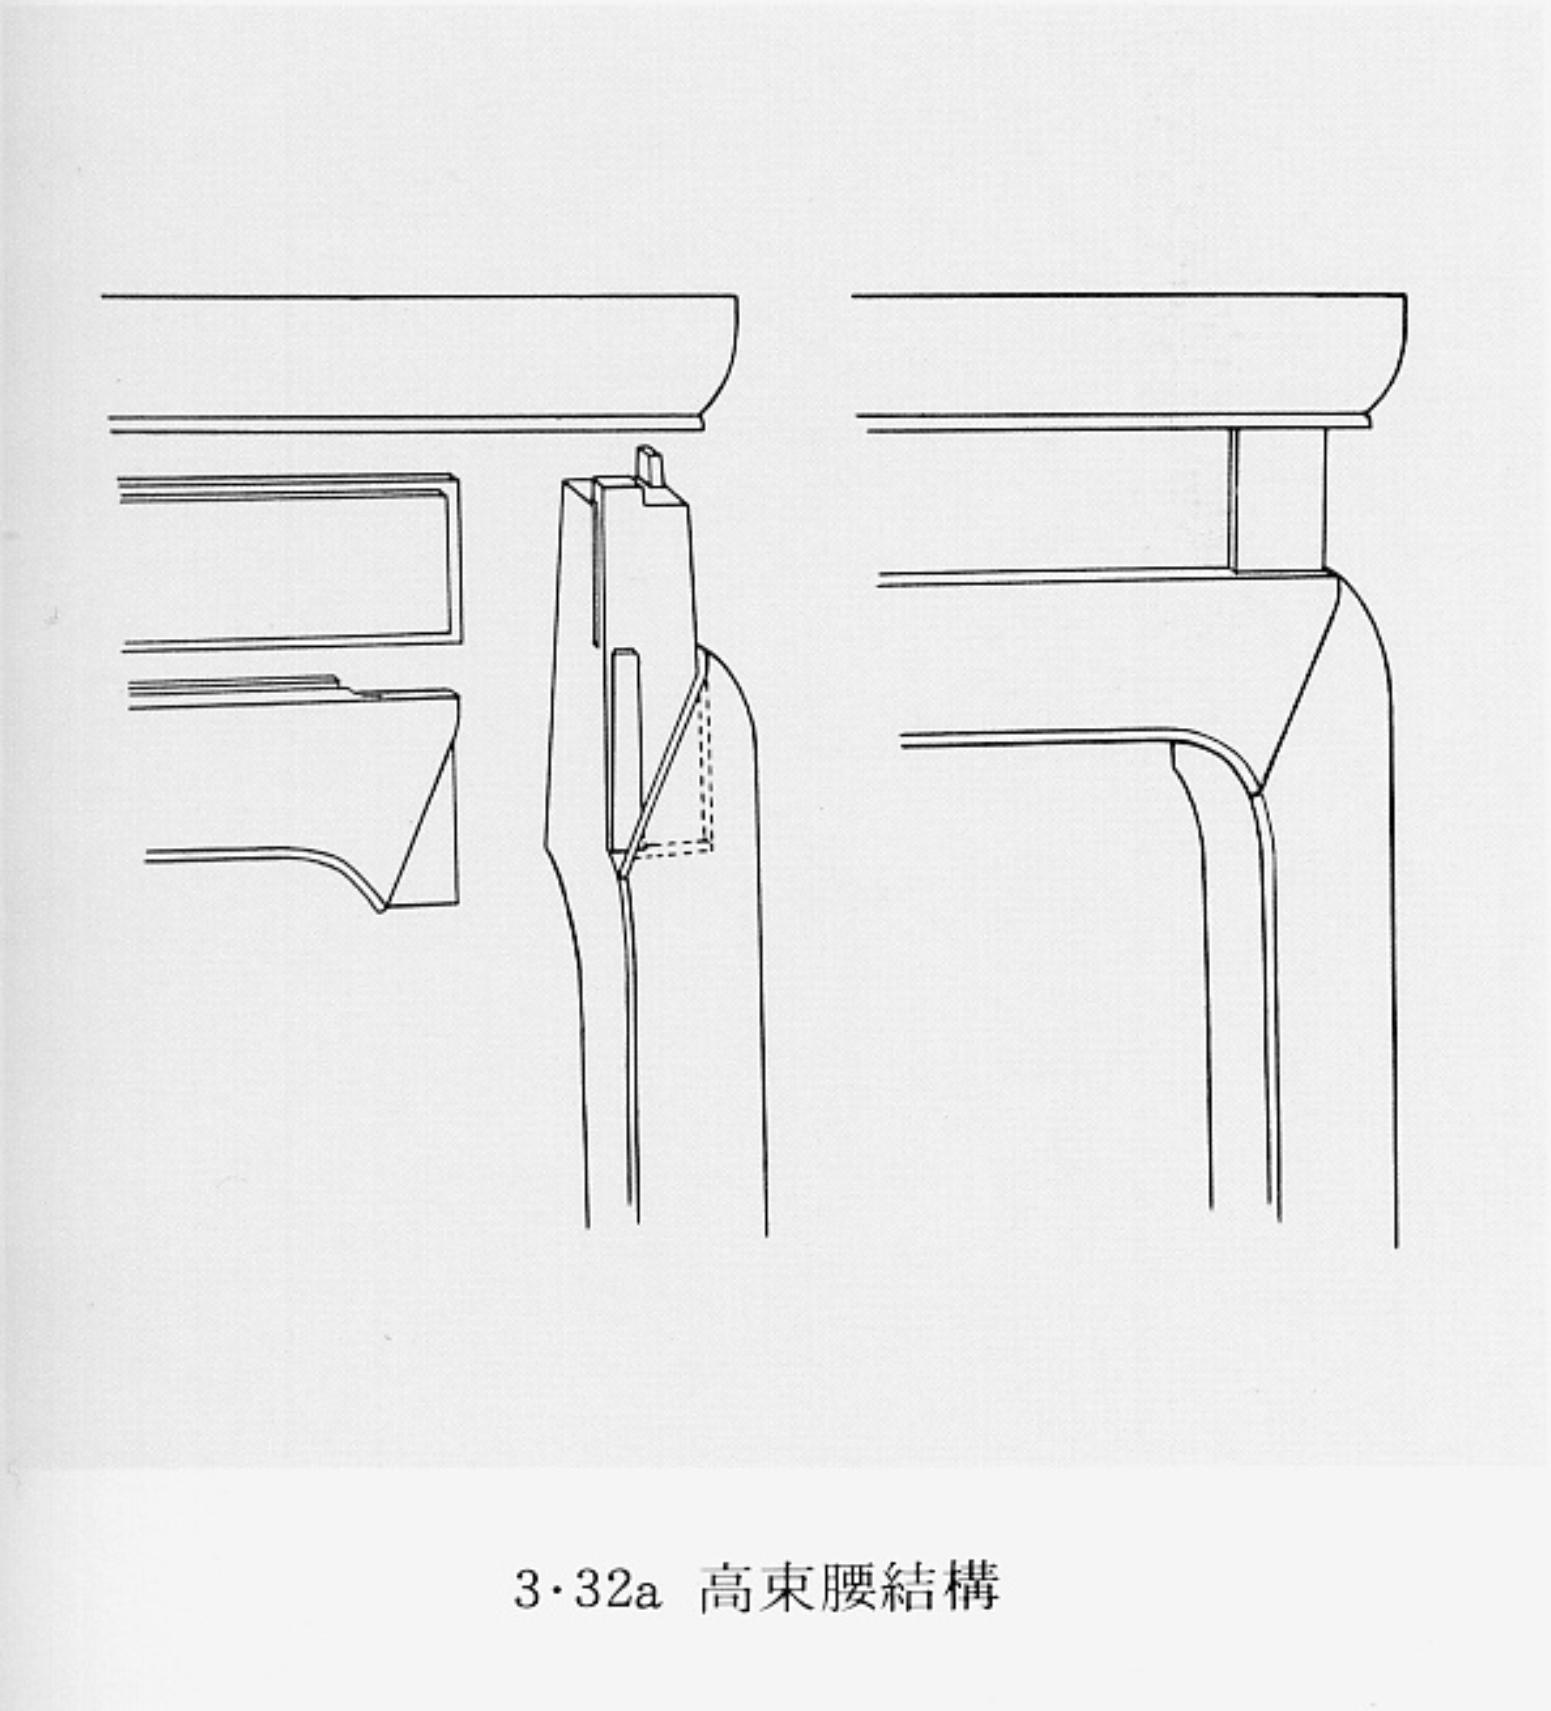 高束腰结构承重性强?佳士得如此点评黄花梨条桌